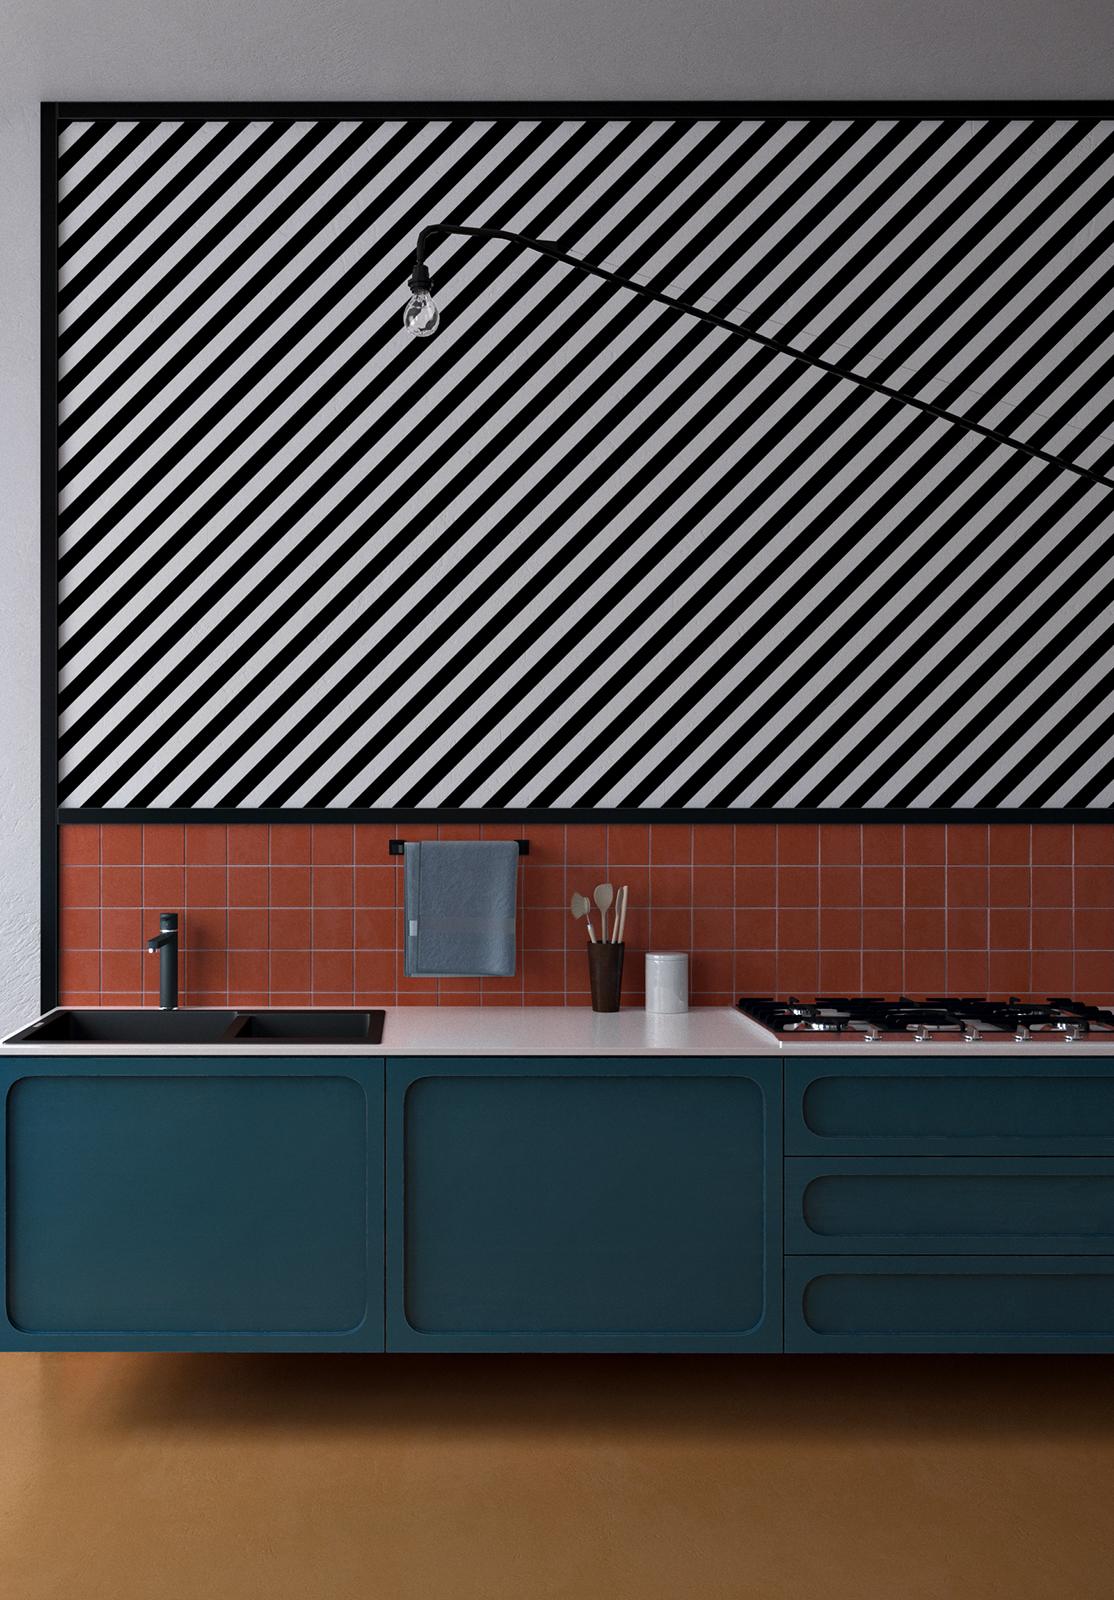 Destaque para os padrões e texturas da parede neste projeto contemporâneo de cozinha colorida